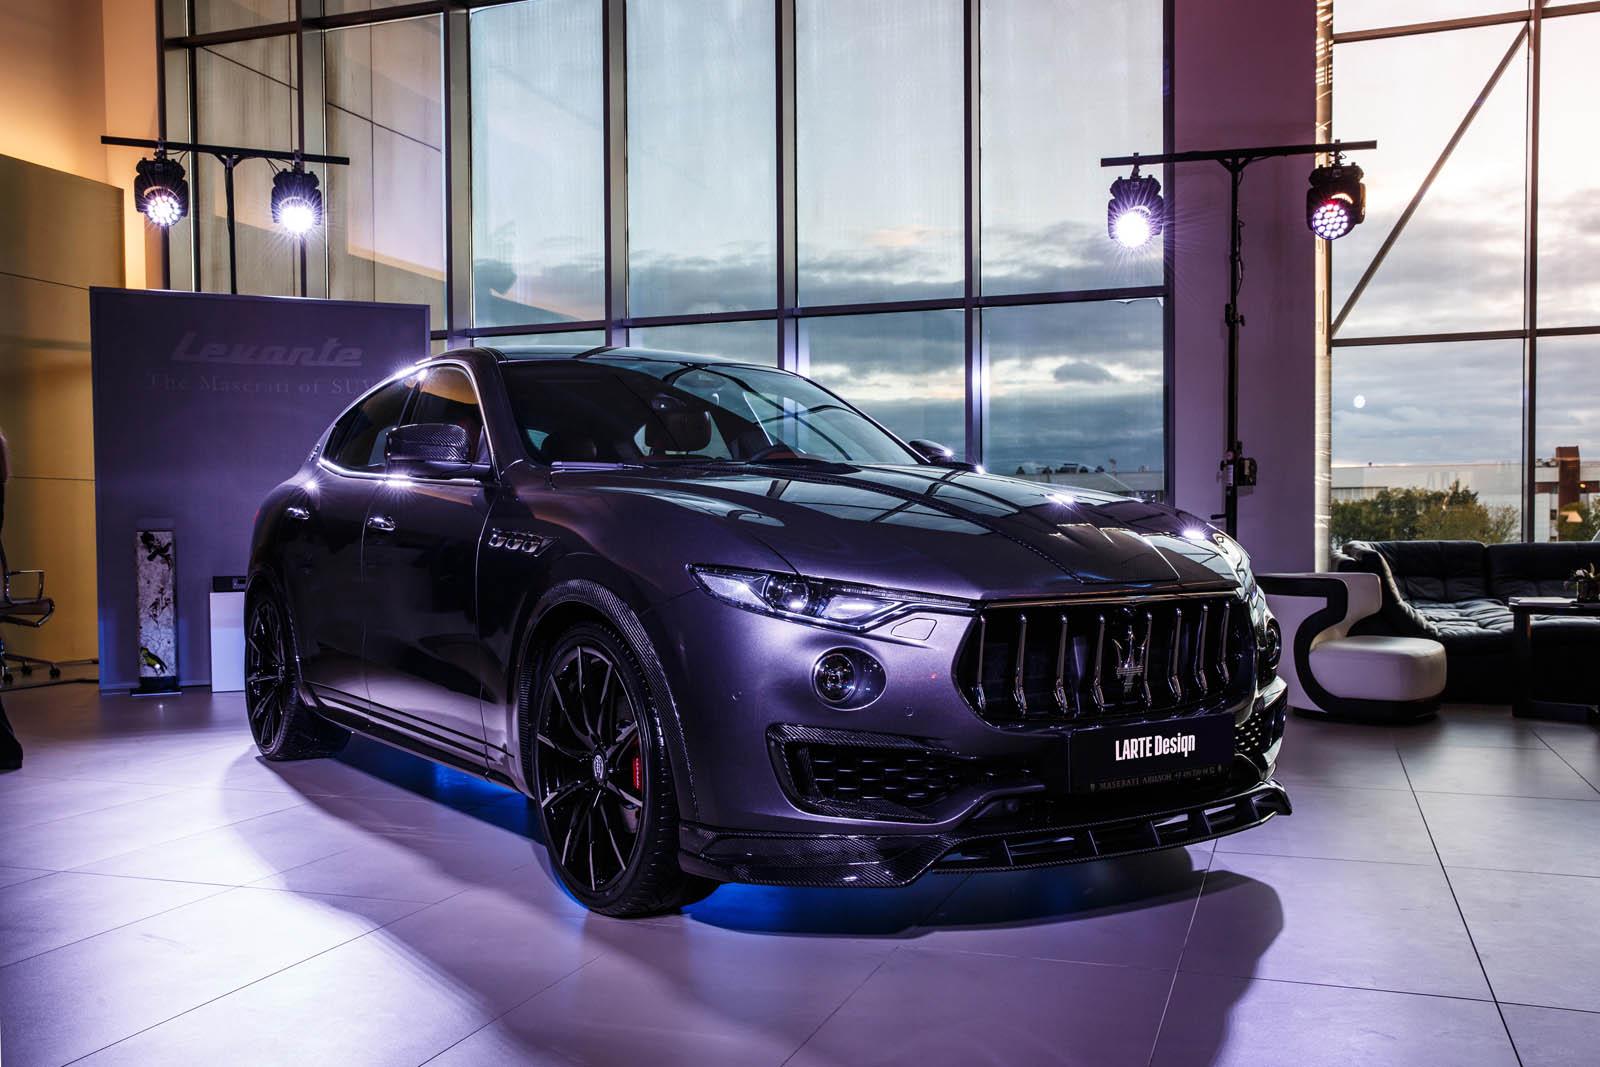 Maserati Levante S by Larte Design (28)